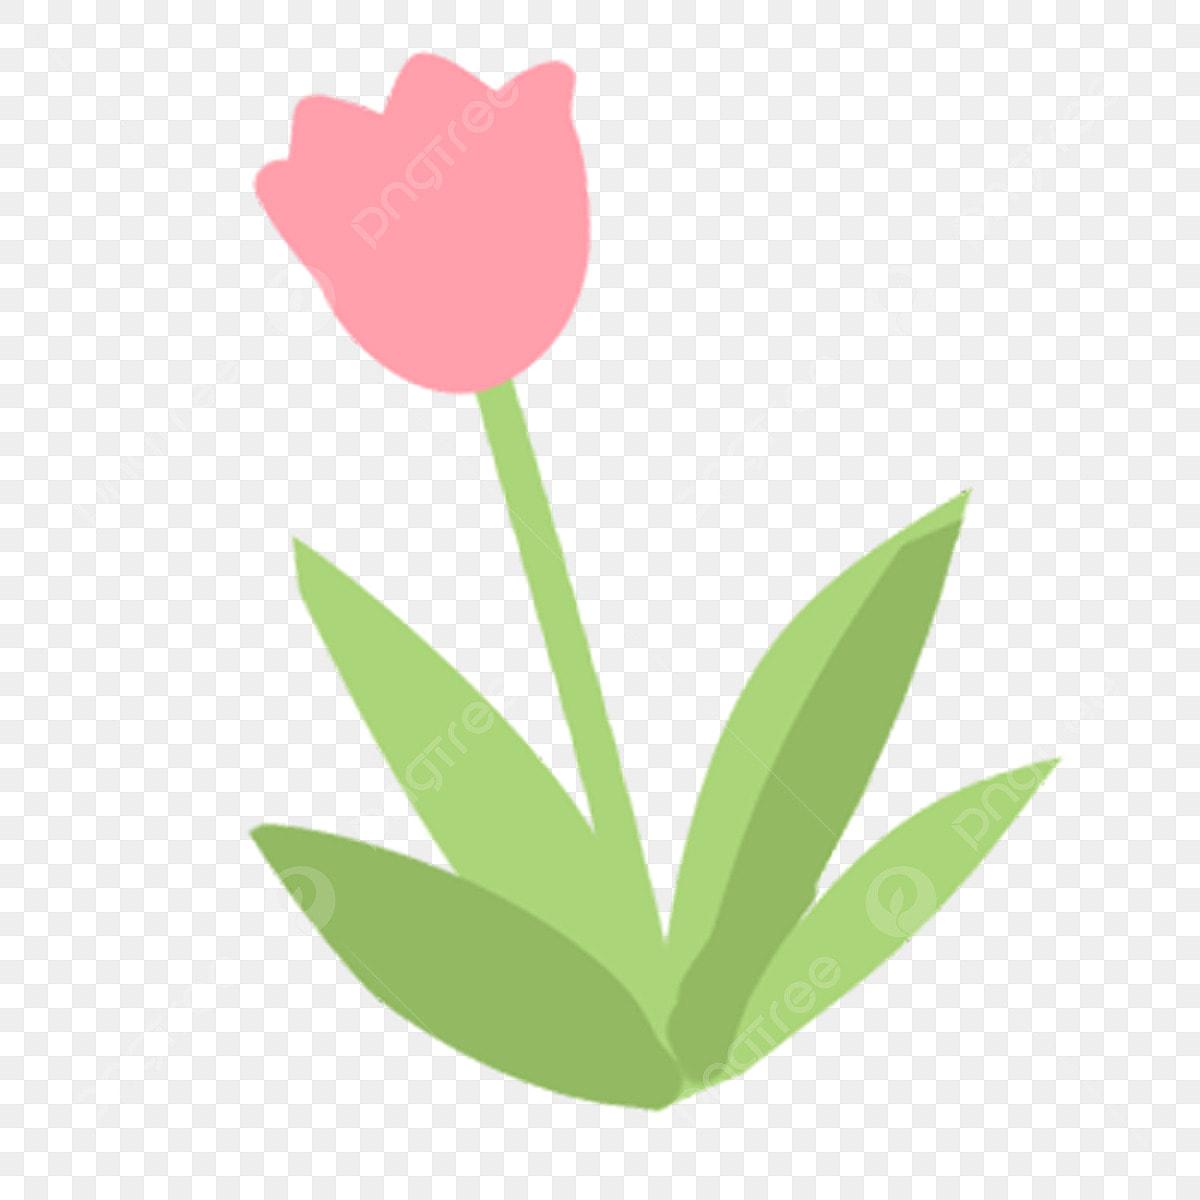 Couleur Plante Fleur Feuillage Fleur Illustration De